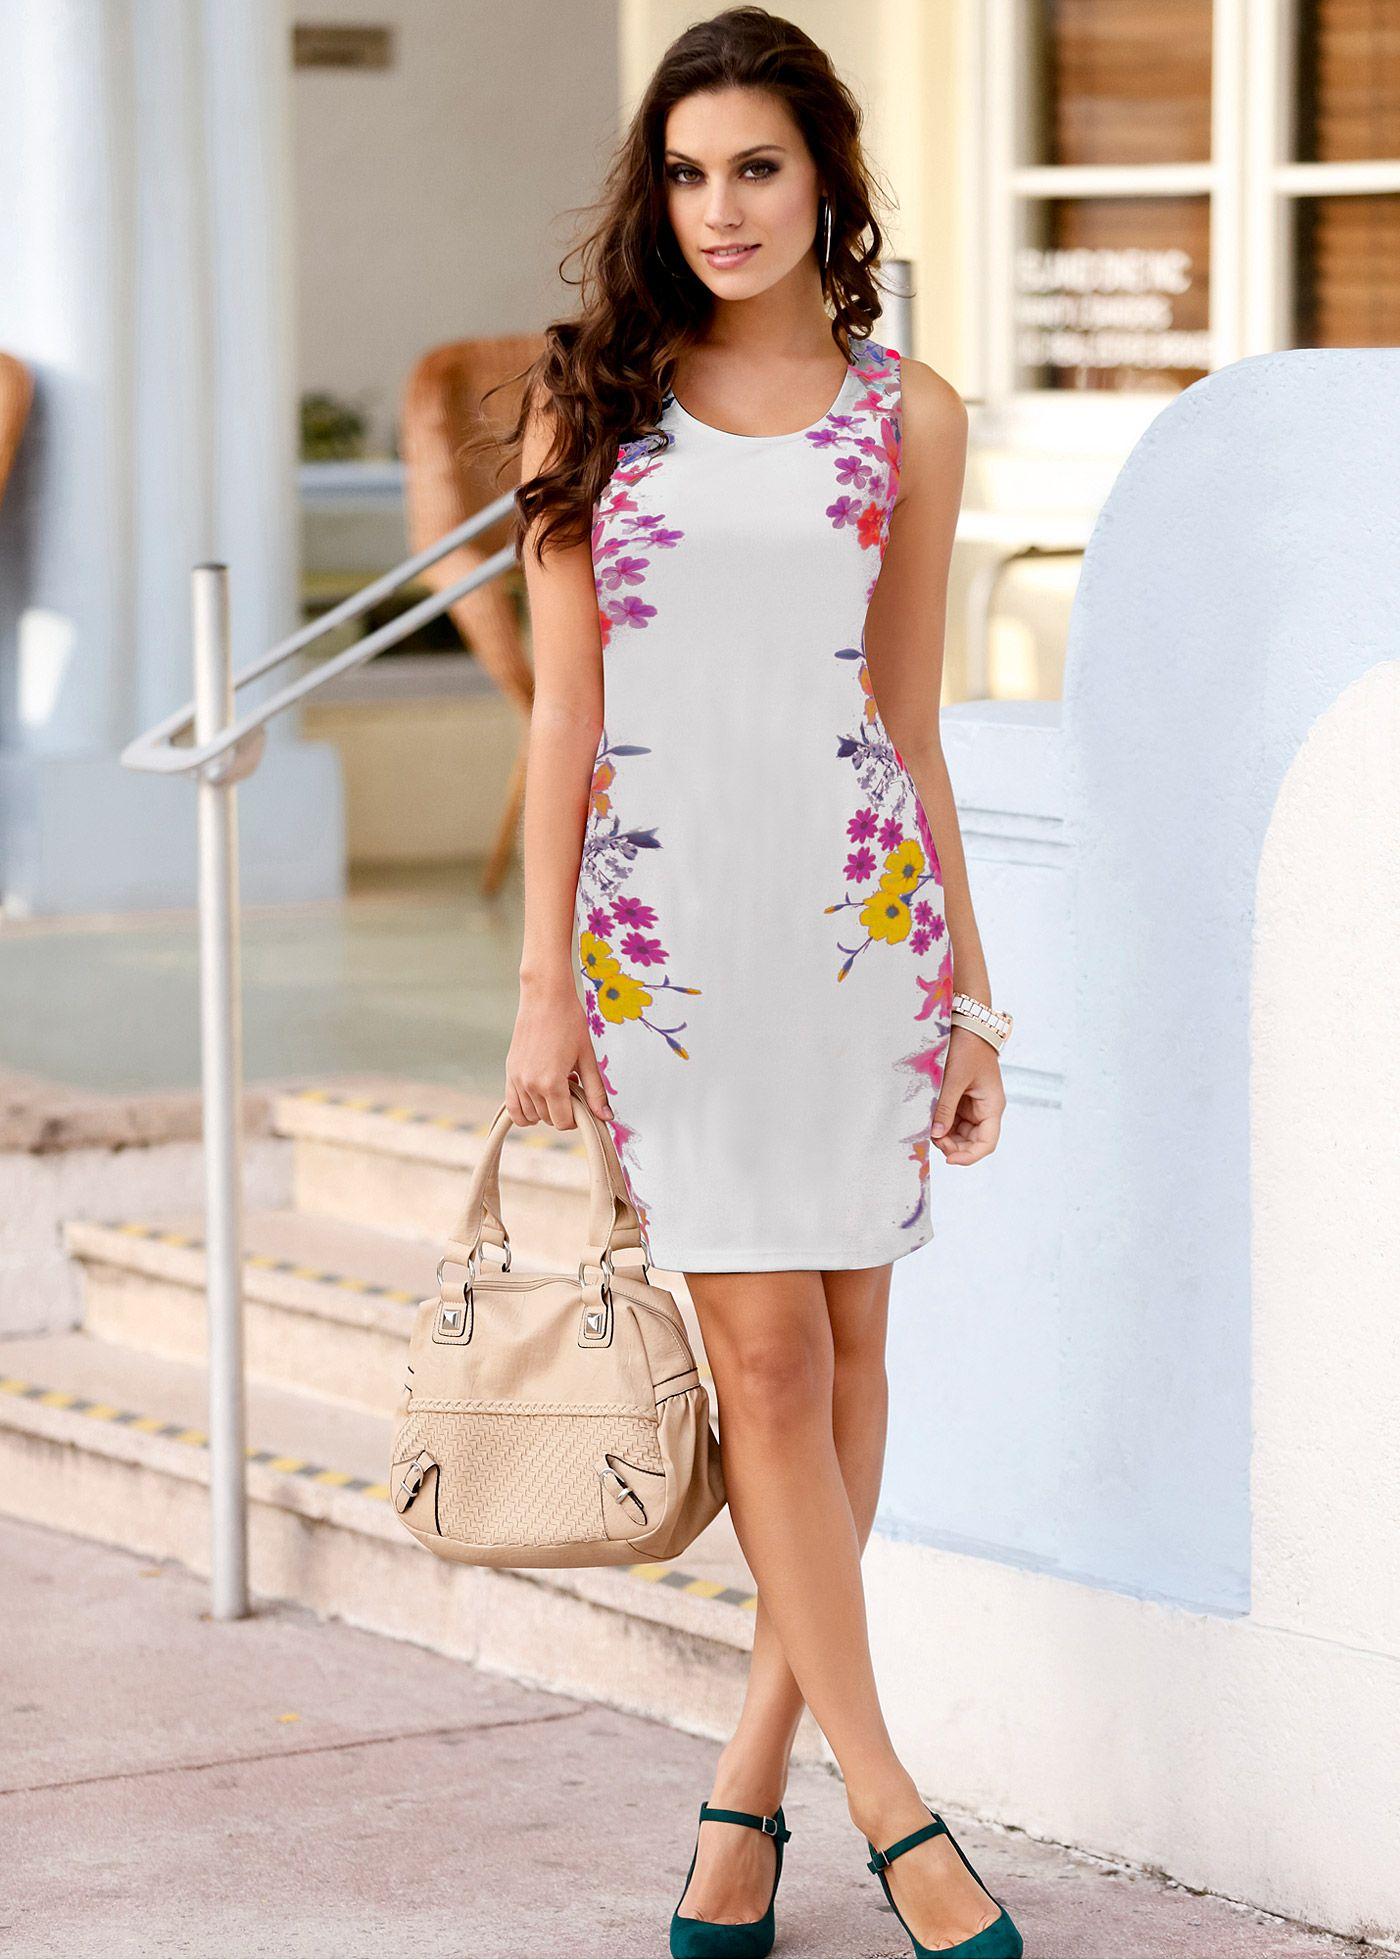 323c217929 Vestido tubinho com estampa floral   vestidos femininos   Vestidos ...